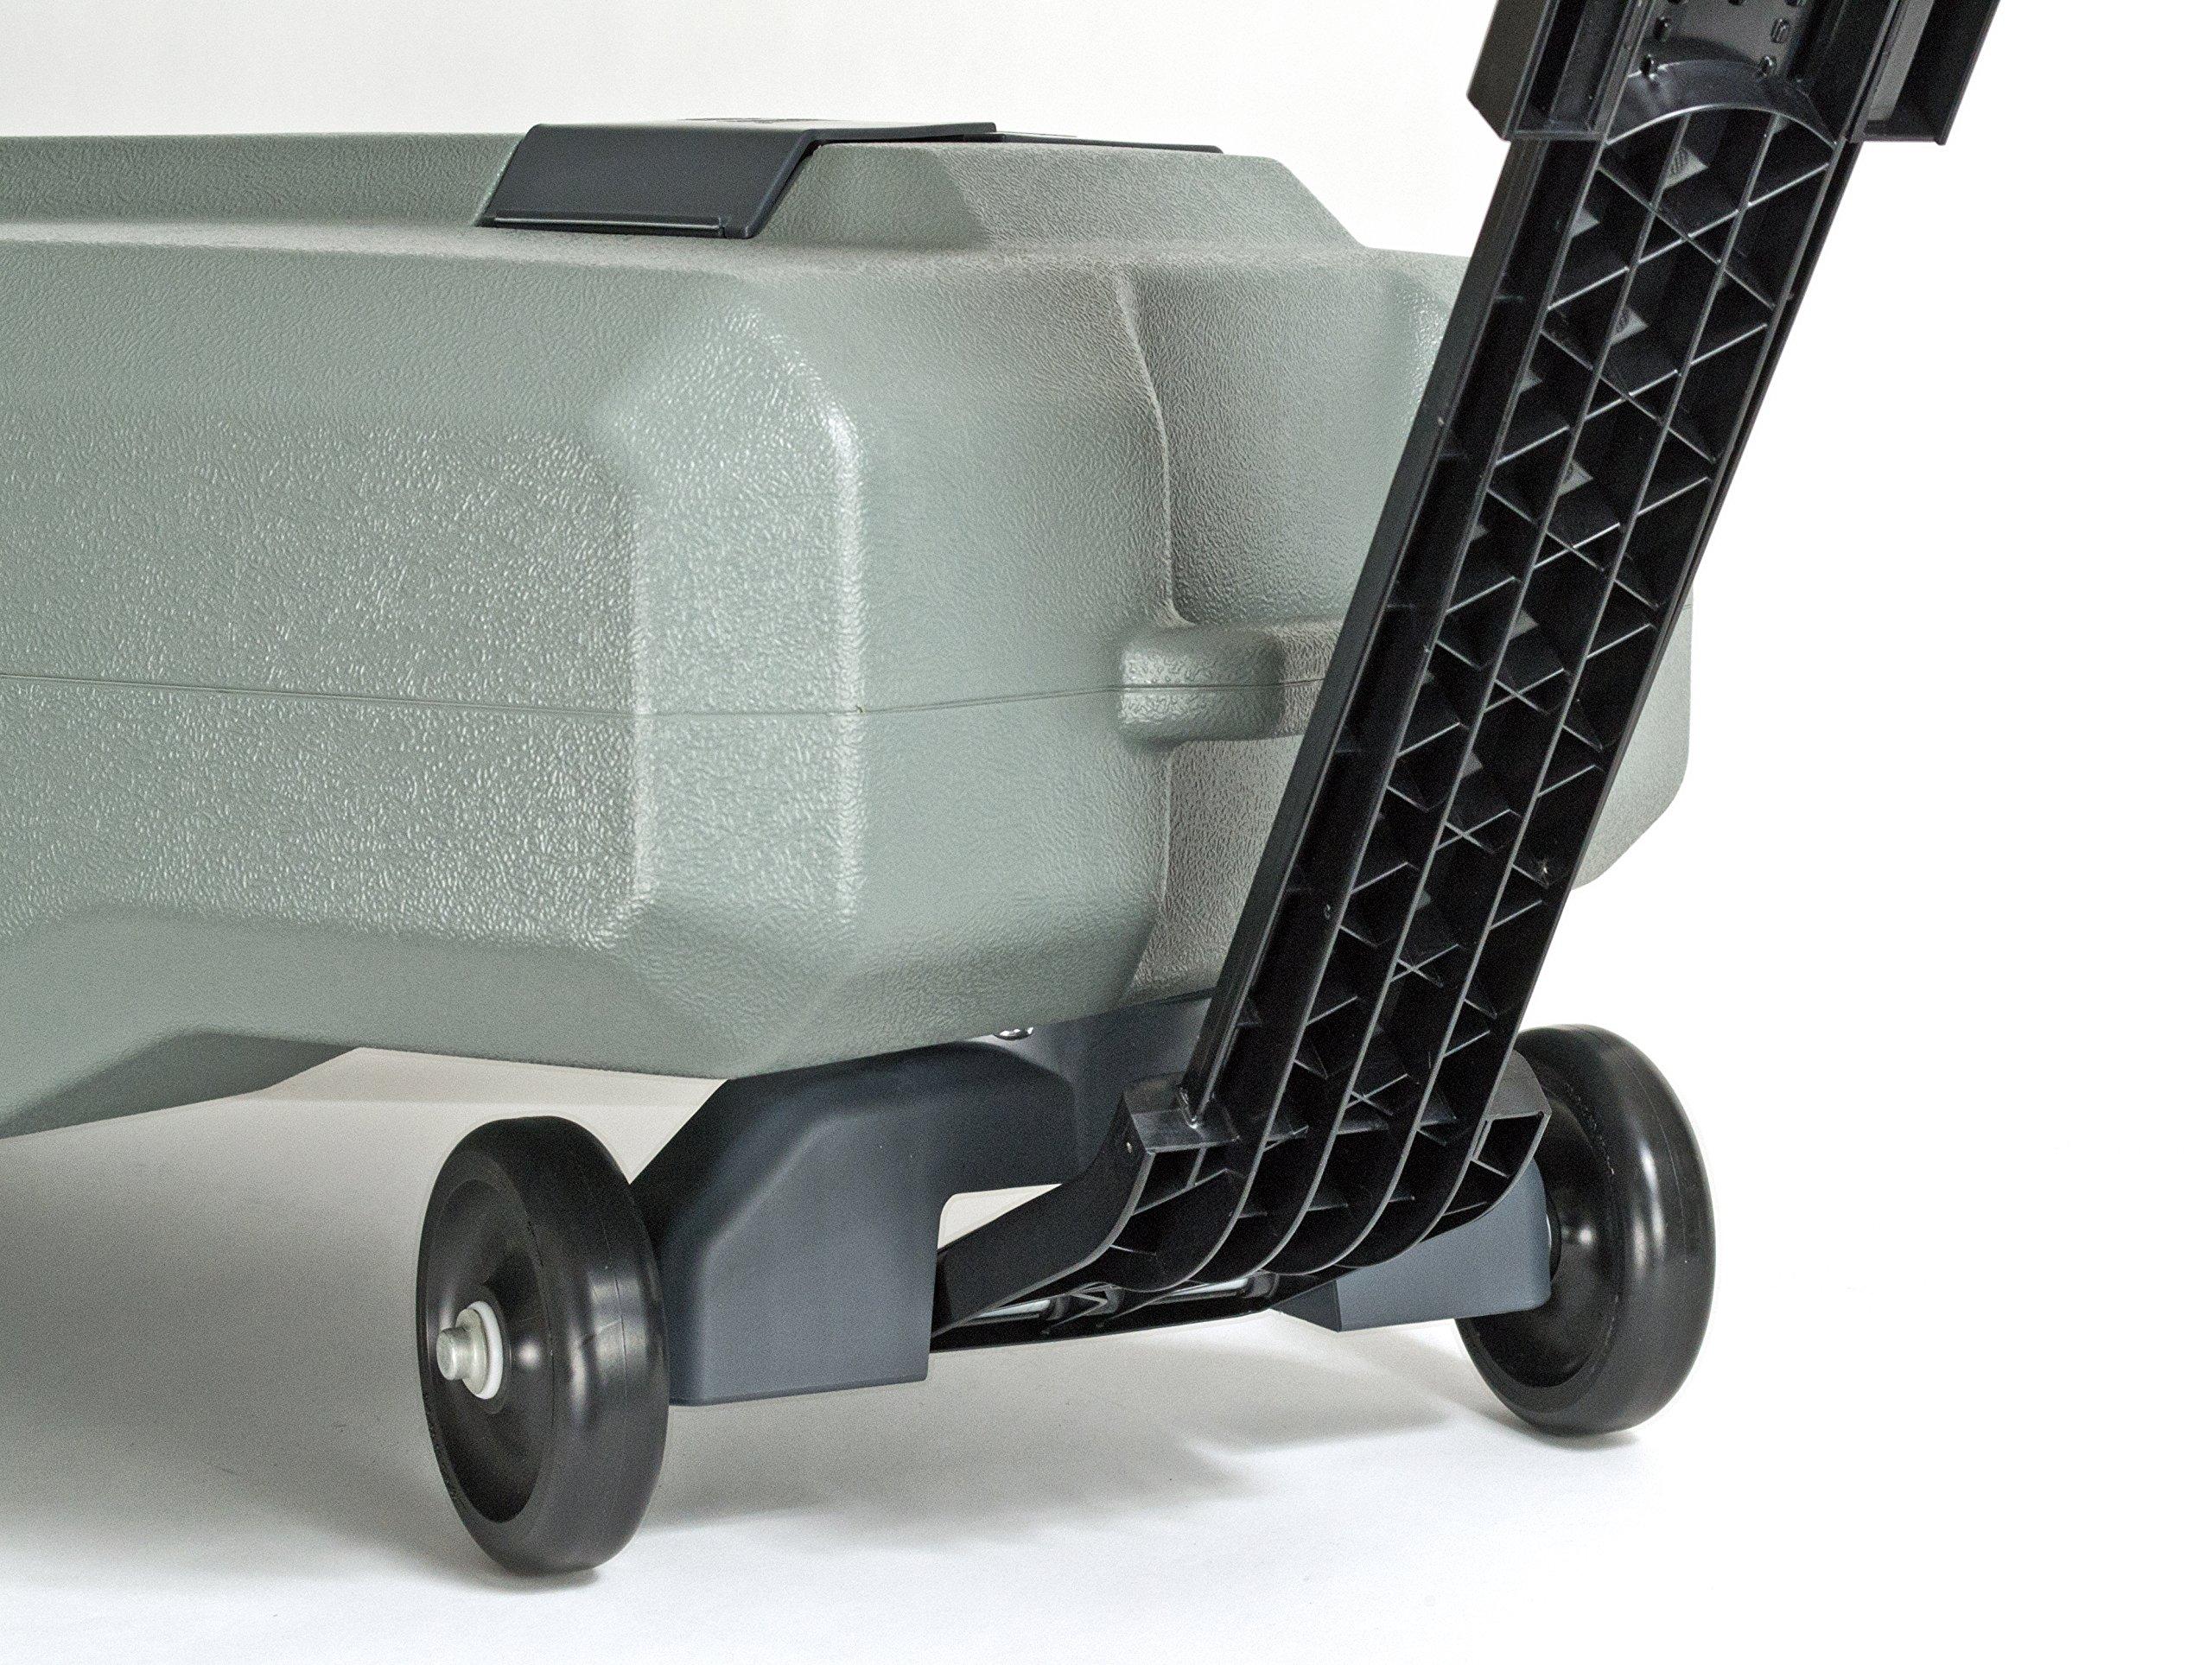 SmartTote2 RV Portable Waste Tote Tank - 4 Wheels - 35 Gallon - Thetford 40519 by SmartTote2 (Image #11)